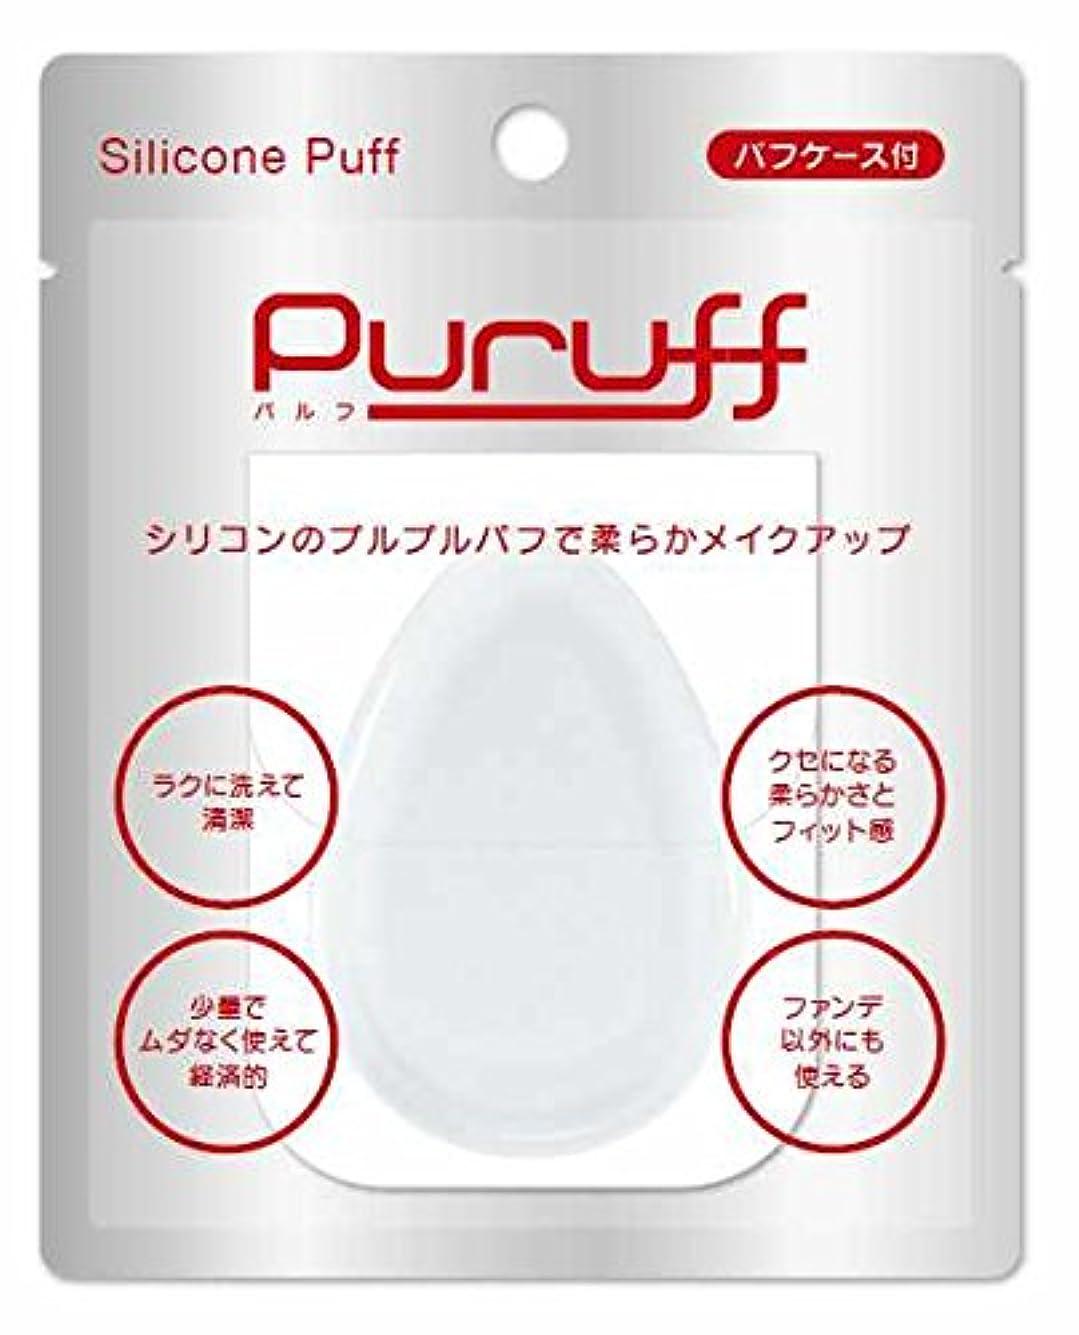 不変感情列挙するPuruff(パルフ) シリコンパフ カバー付 【まとめ買い2個セット】